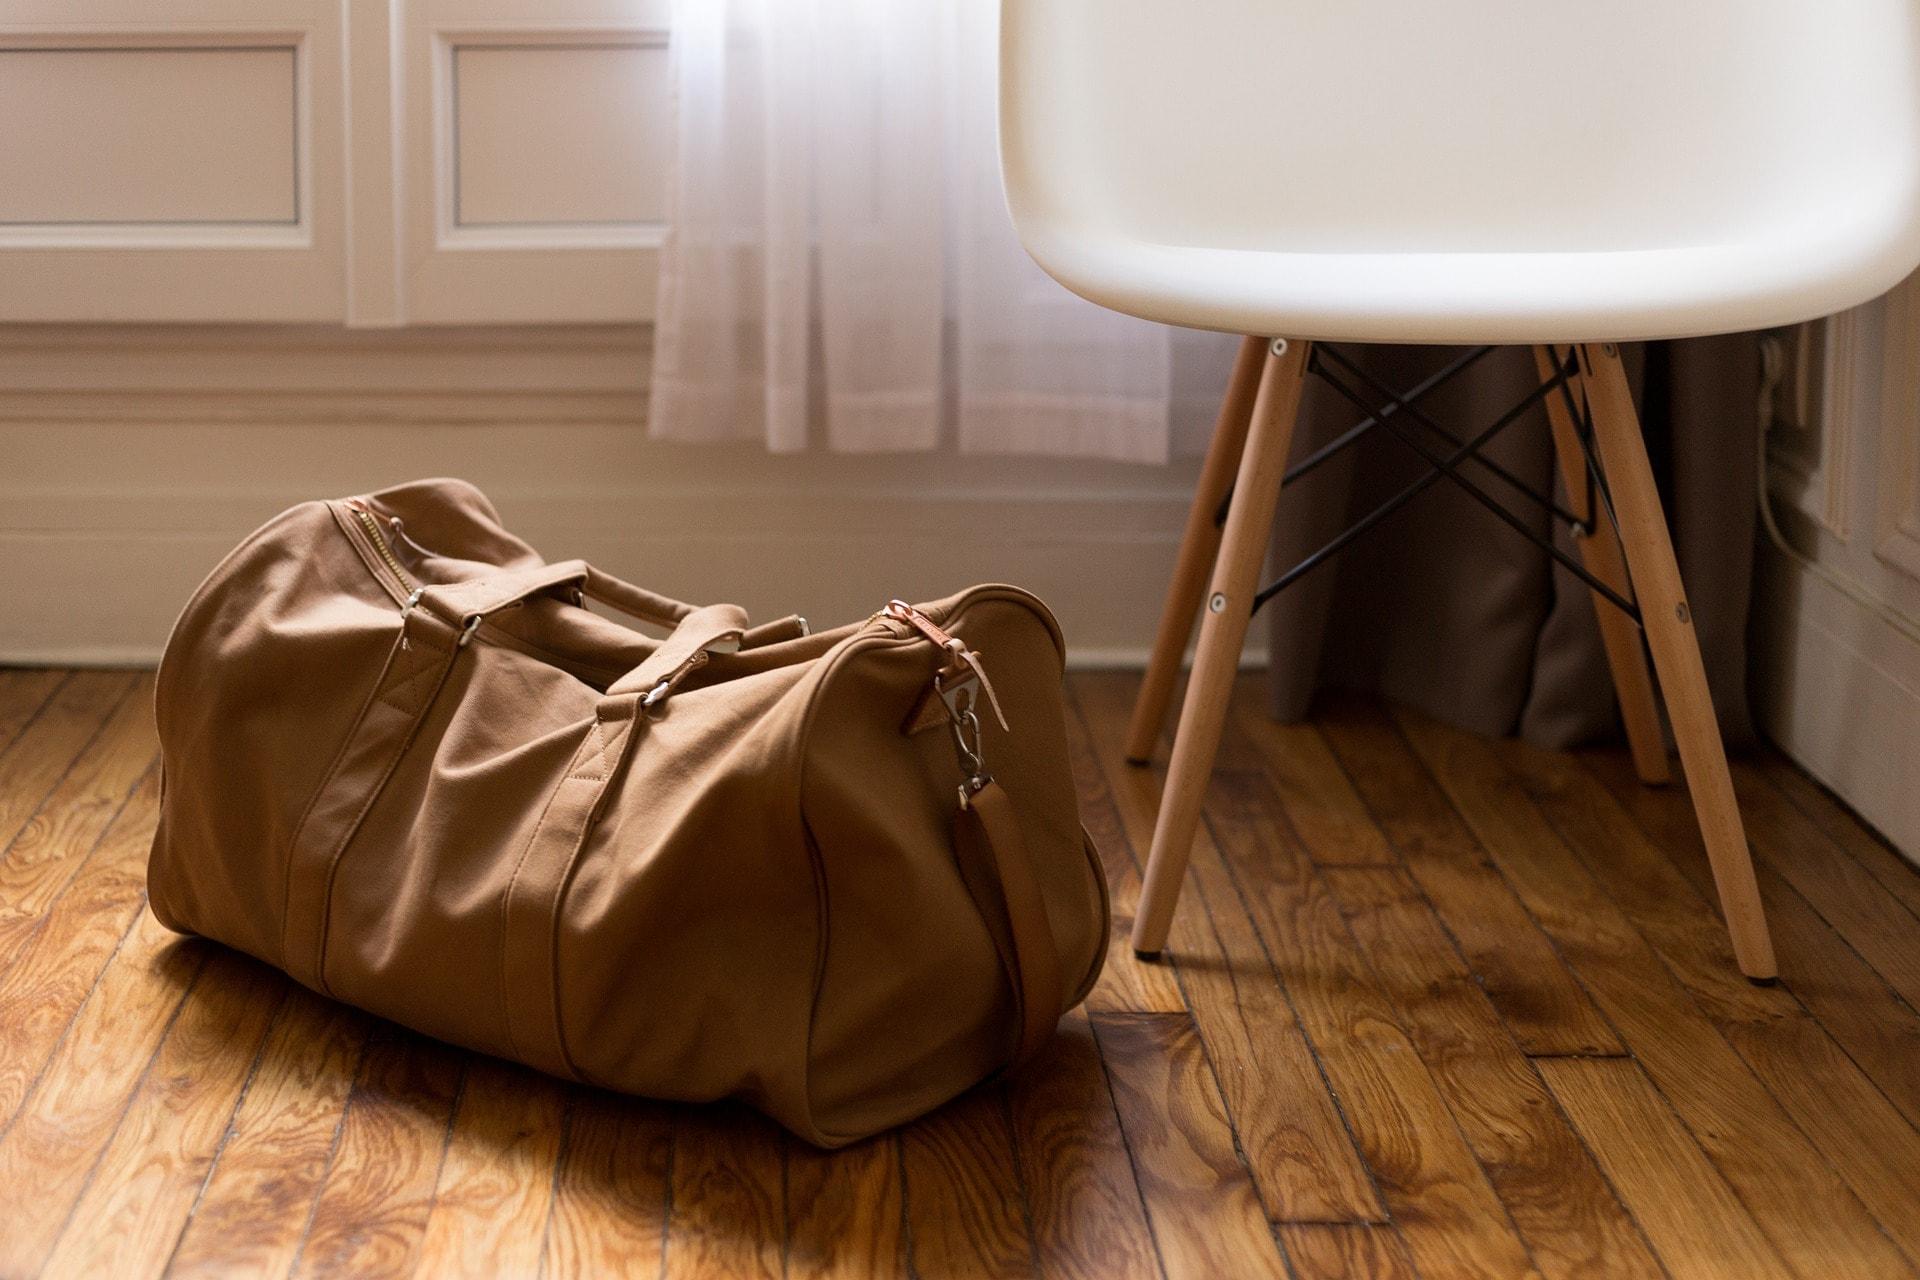 Lolos-zapatos-que-no-pueden-faltar-en-tu-maleta-de-viaje